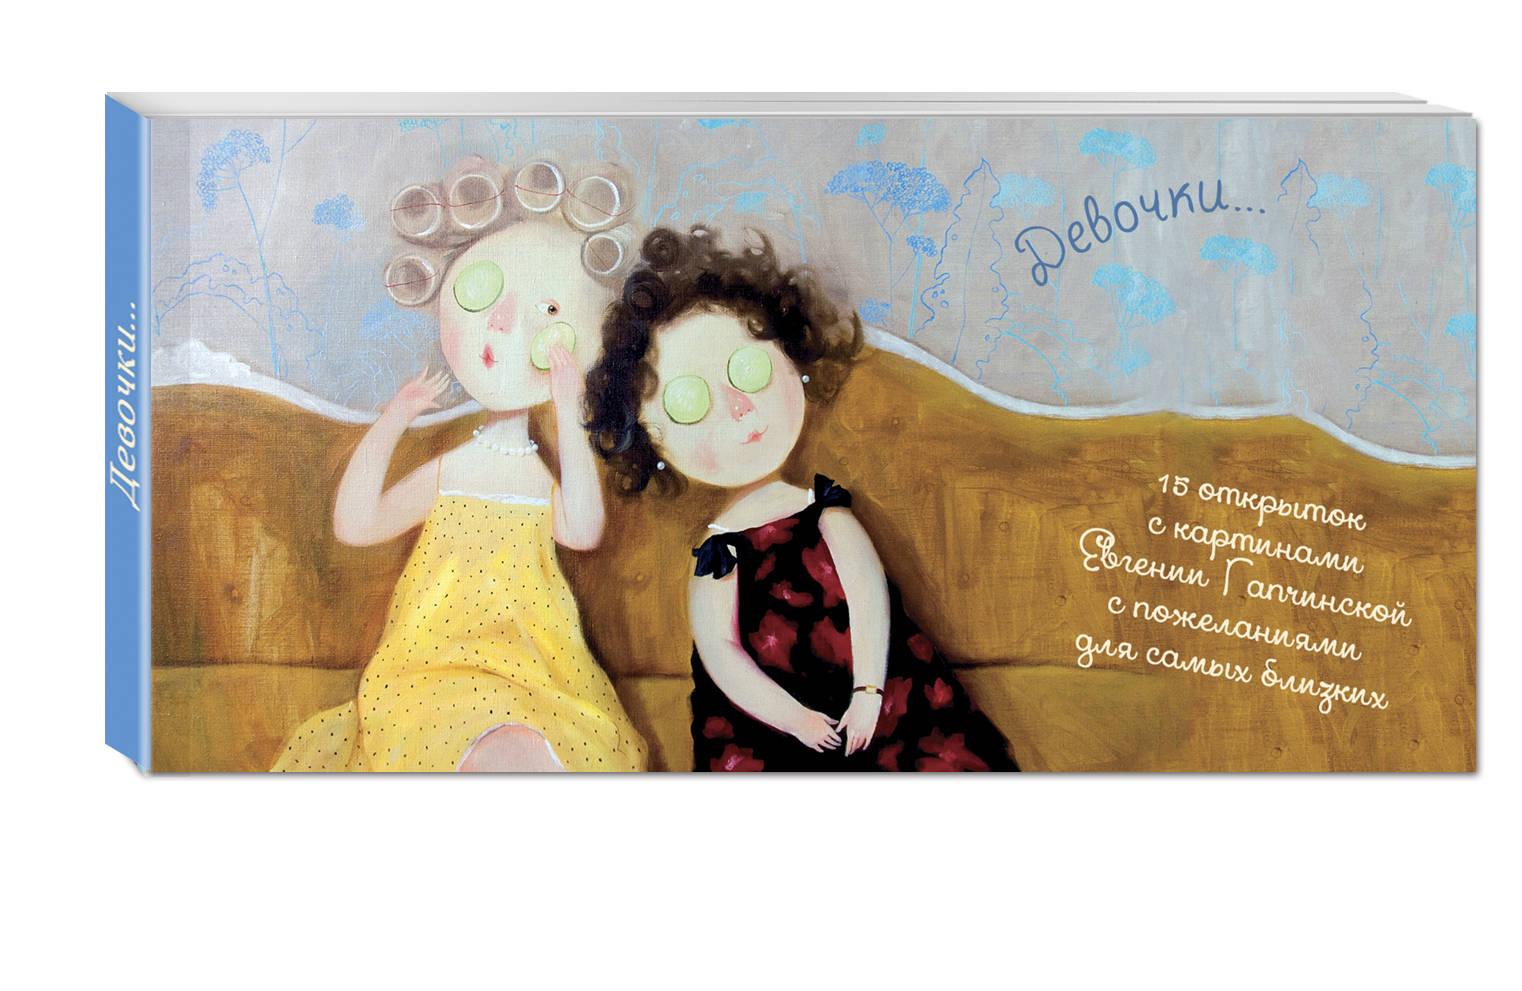 Гапчинская Е. 15 открыток на перфорации с картинами Евгении Гапчинской (Девочки...) в киеве магниты гапчинской